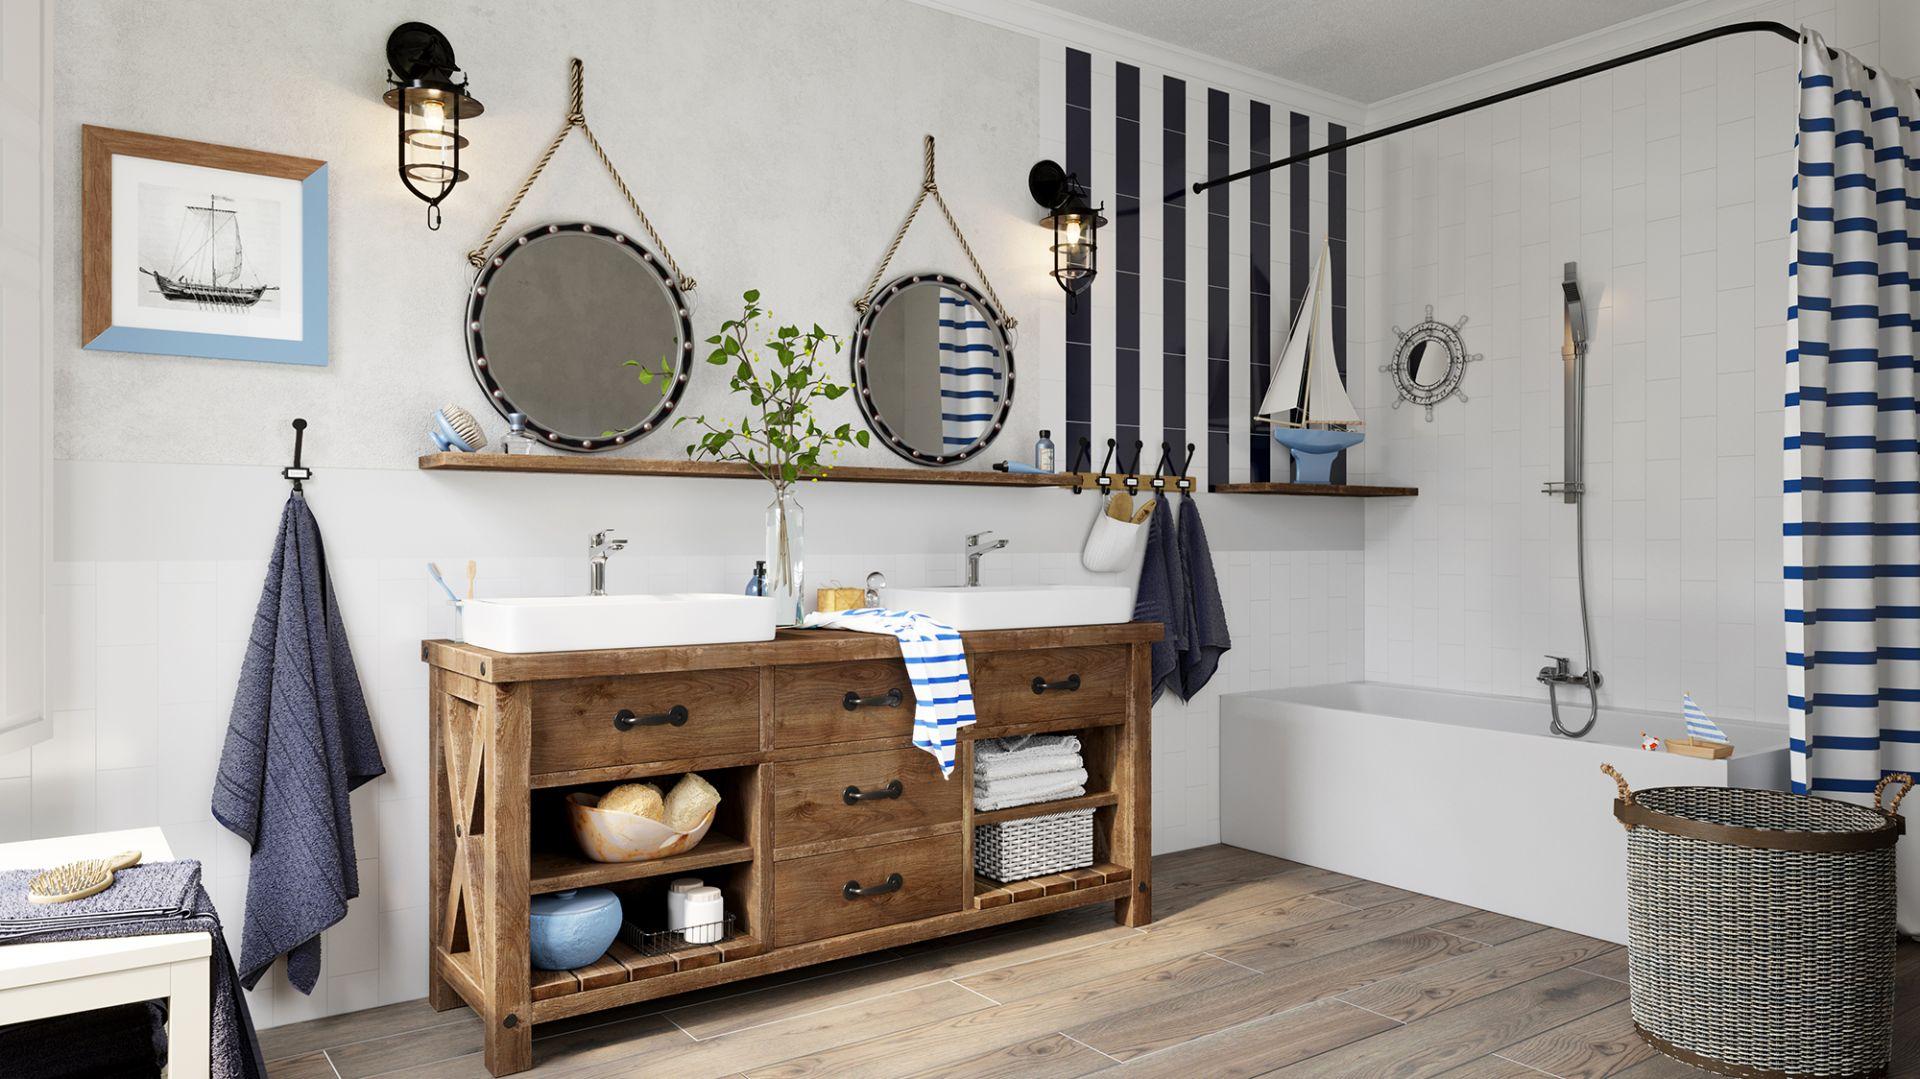 Aranżacja łazienki w stylu marynistycznym. Na zdjęciu armatura z serii Stratos i zestaw natryskowy Quadro. Fot. Ferro